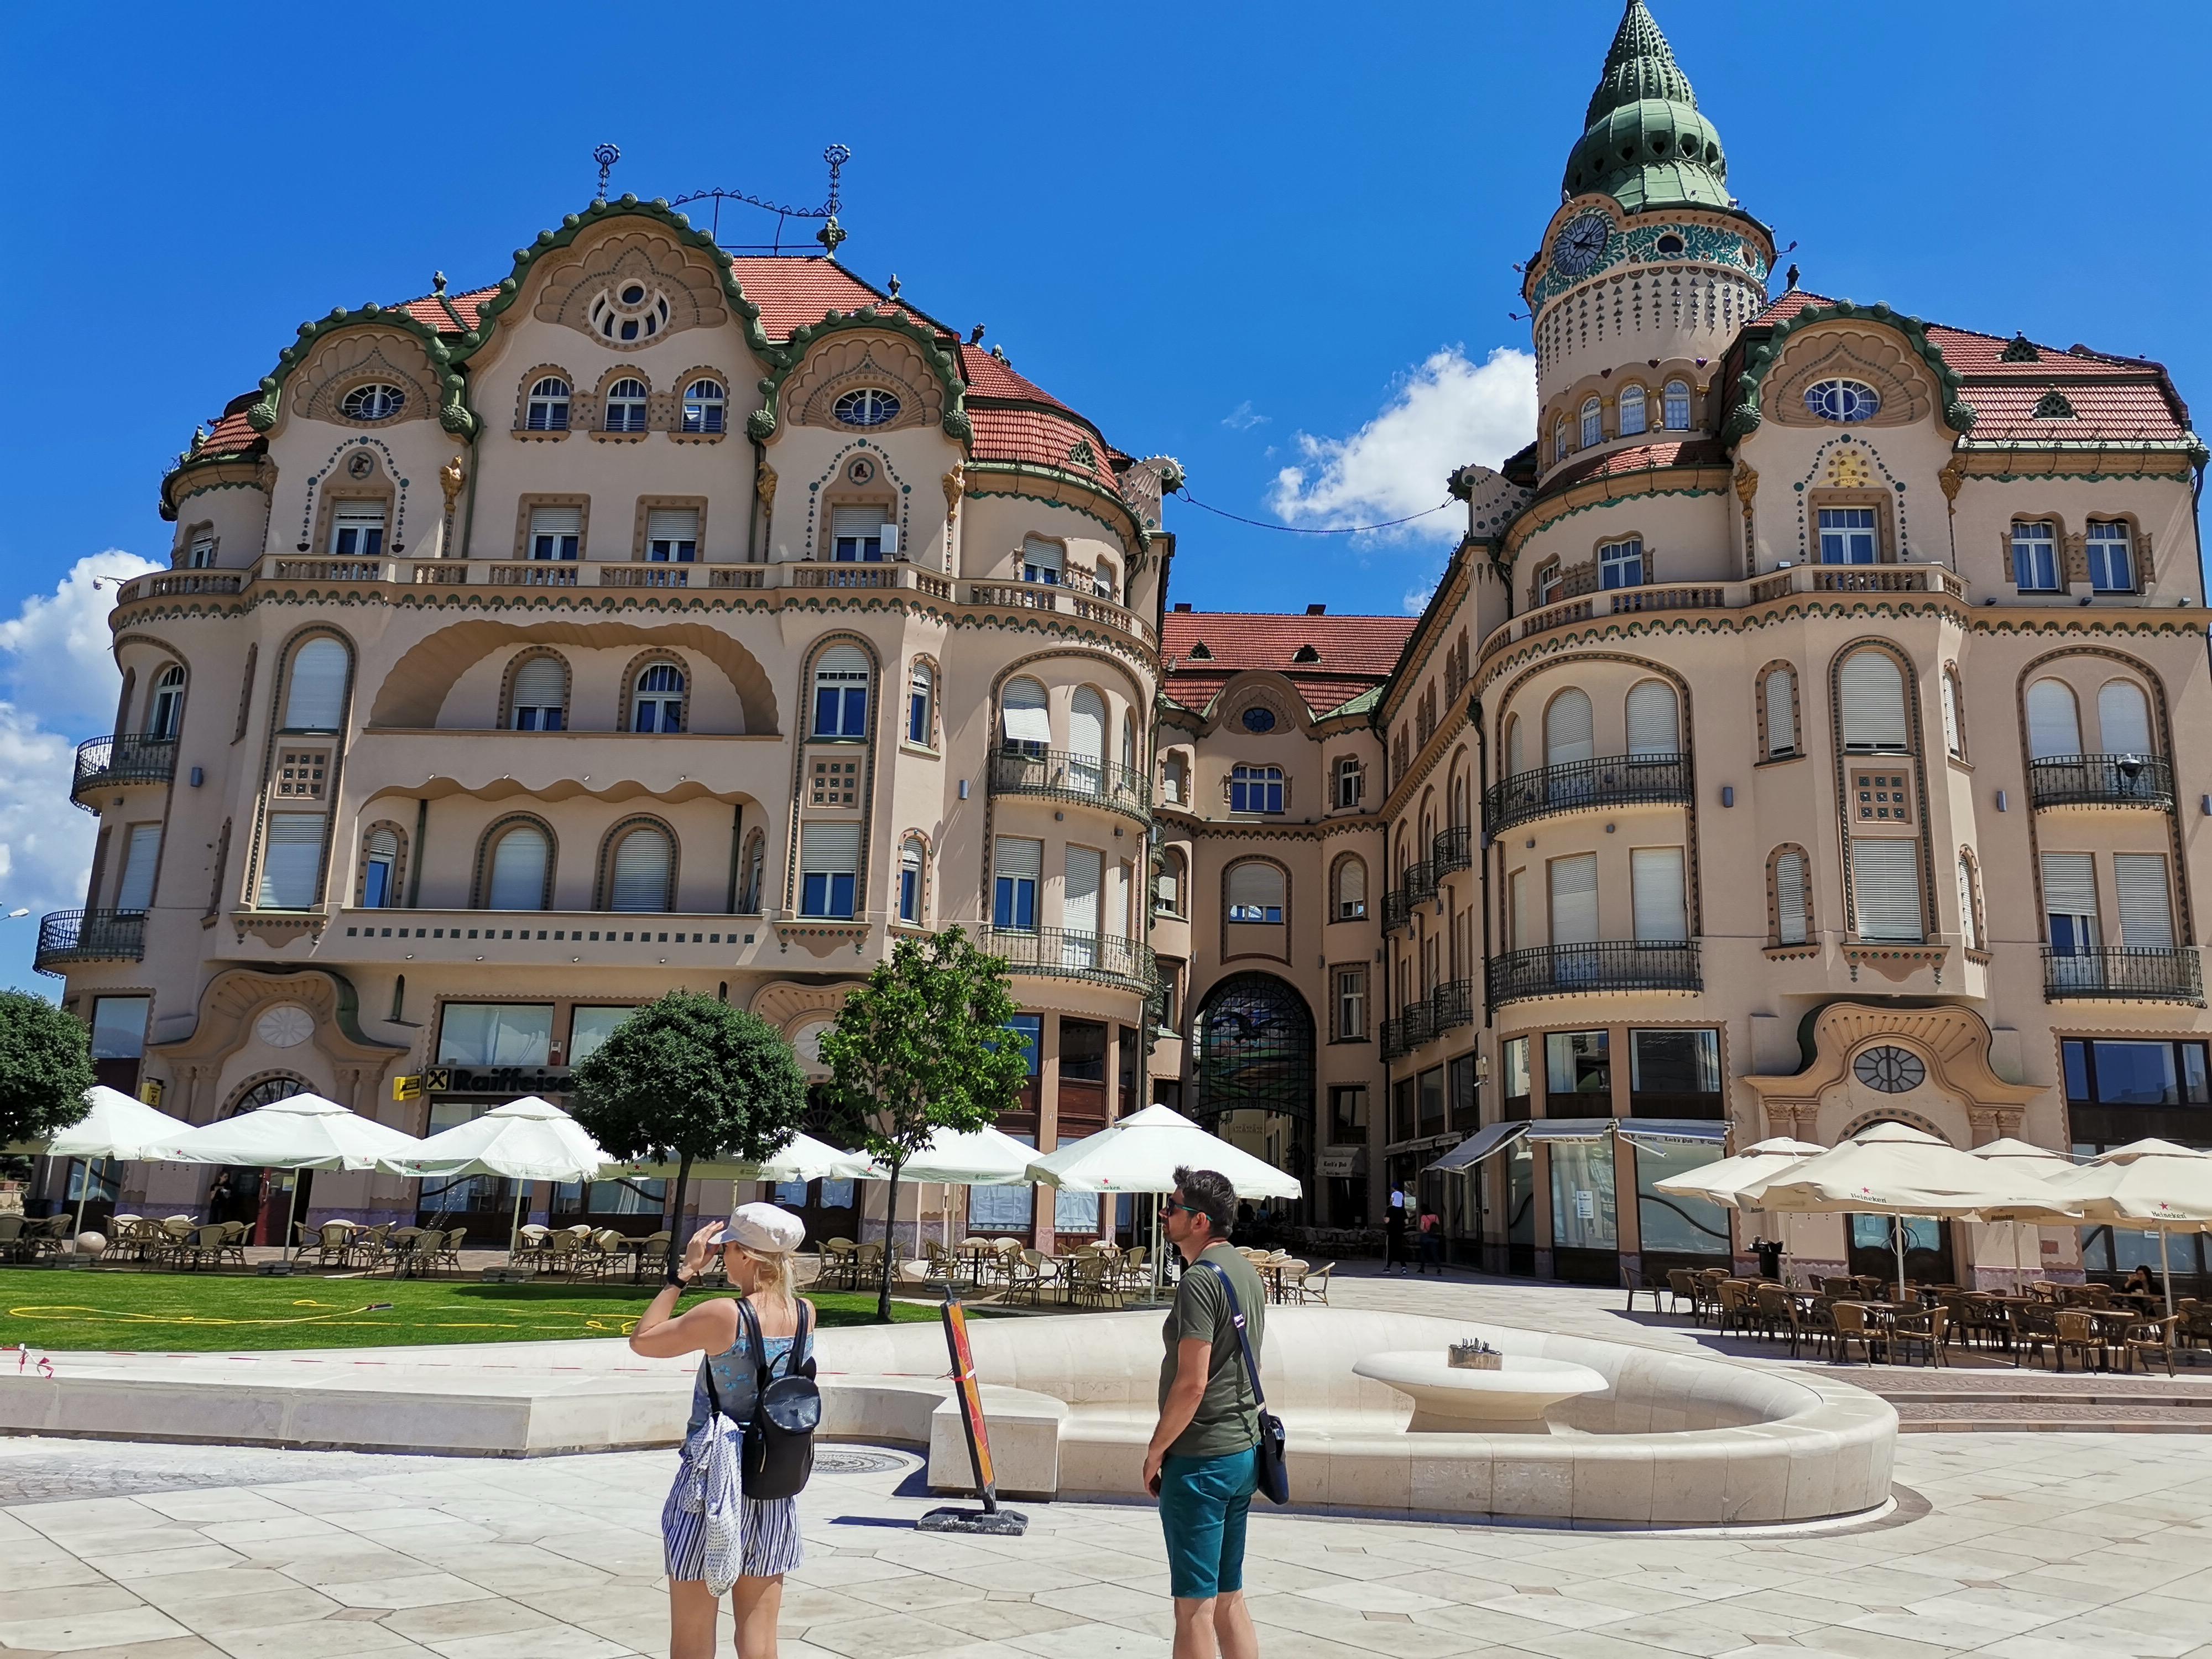 Ce poti face 5 zile intr-o vacanta in Oradea - Ziua 1